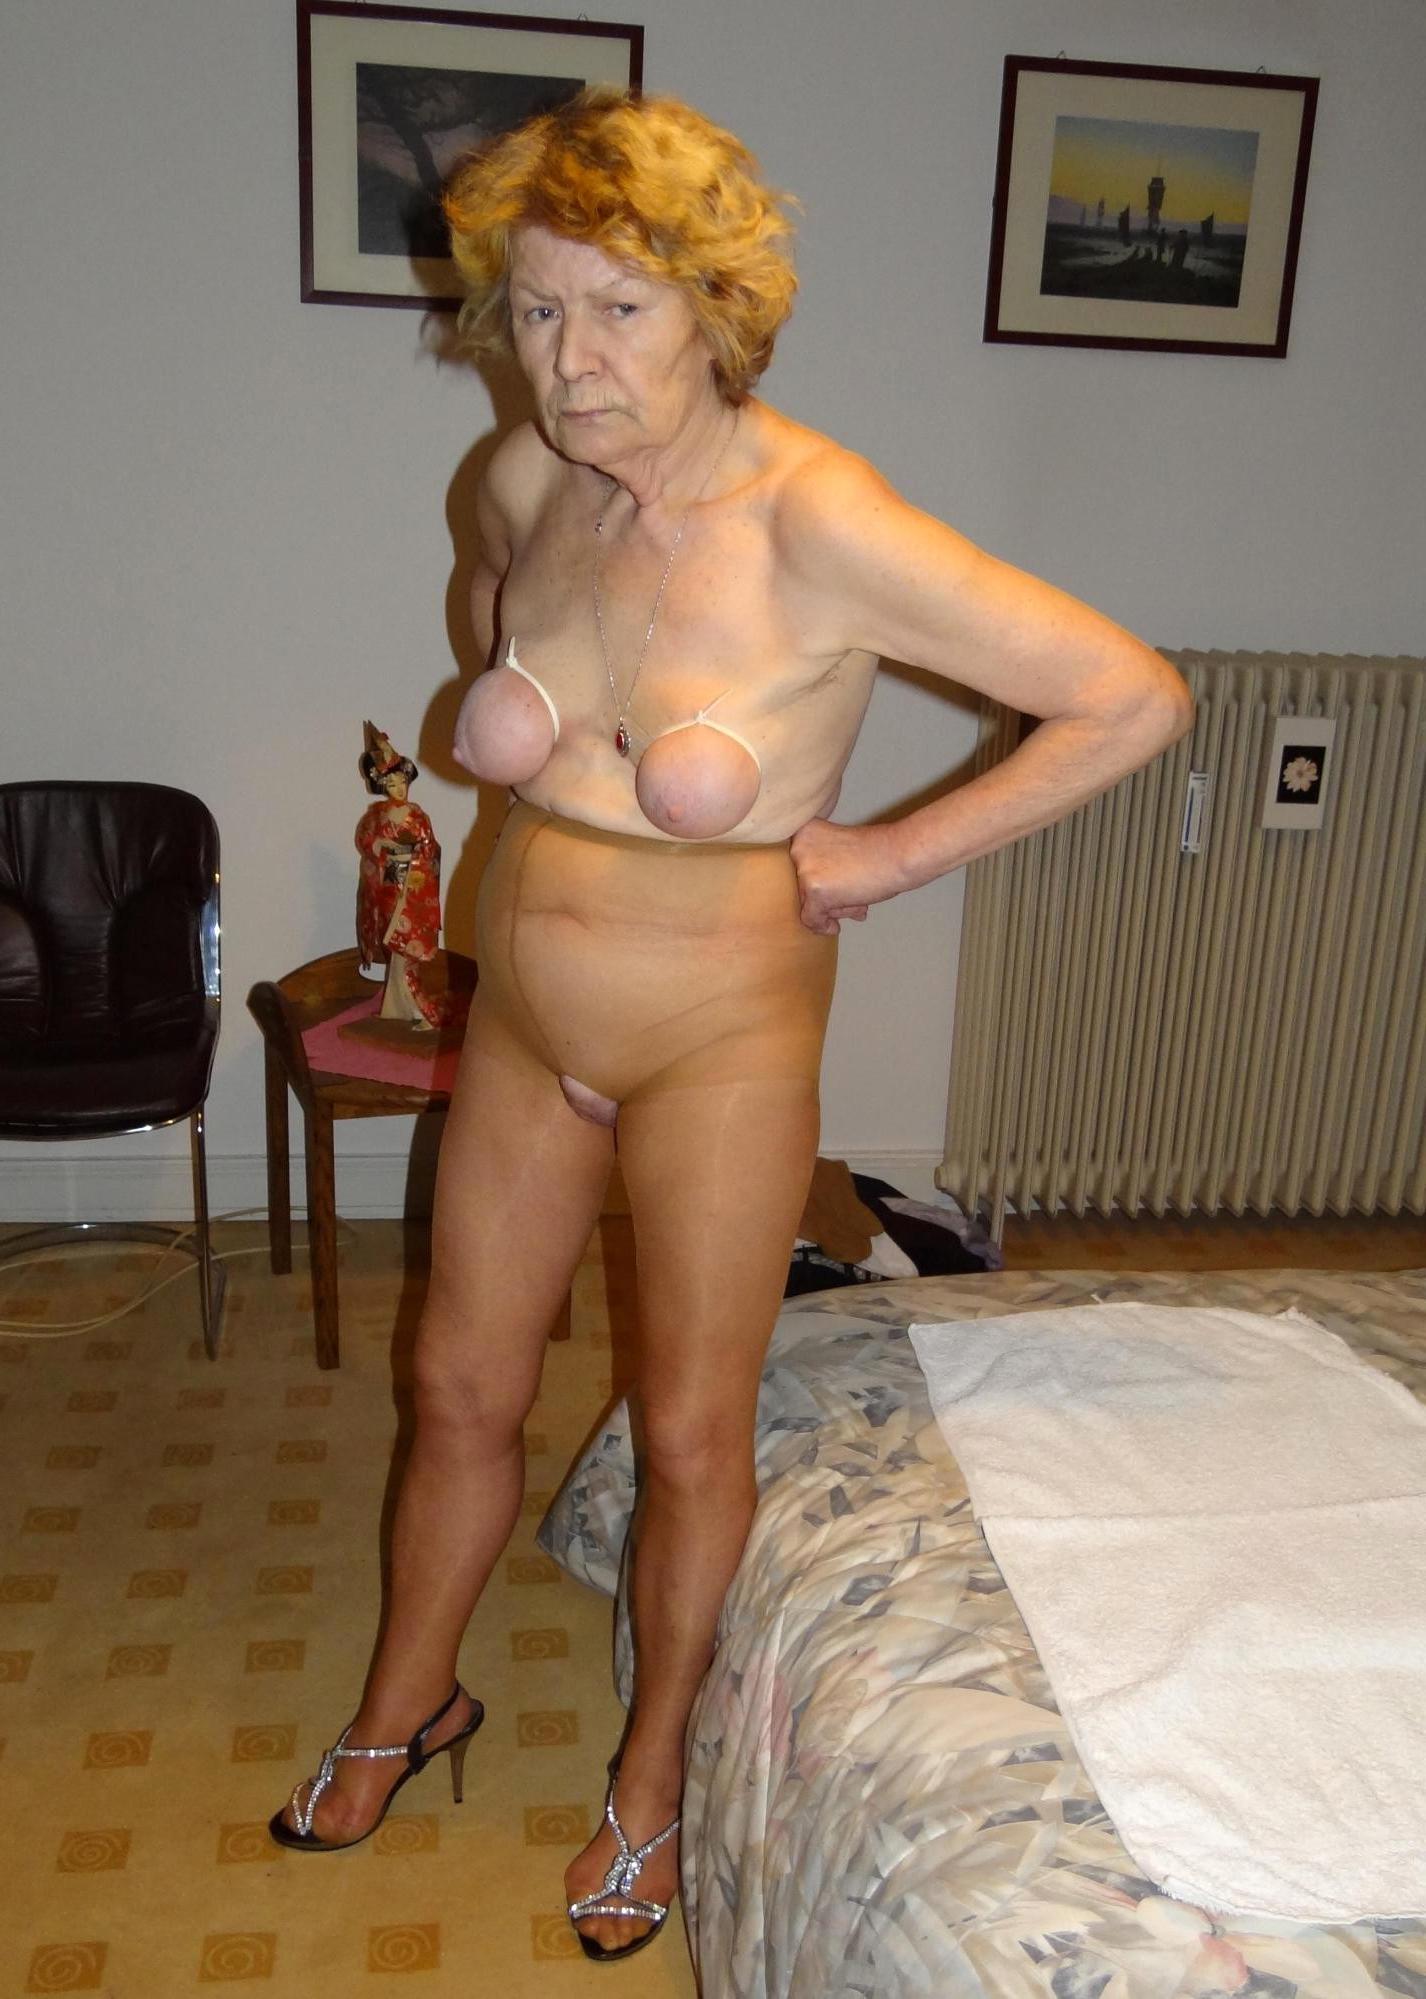 Gorgeous mature pantyhose sex pics - allmaturepornpics.com